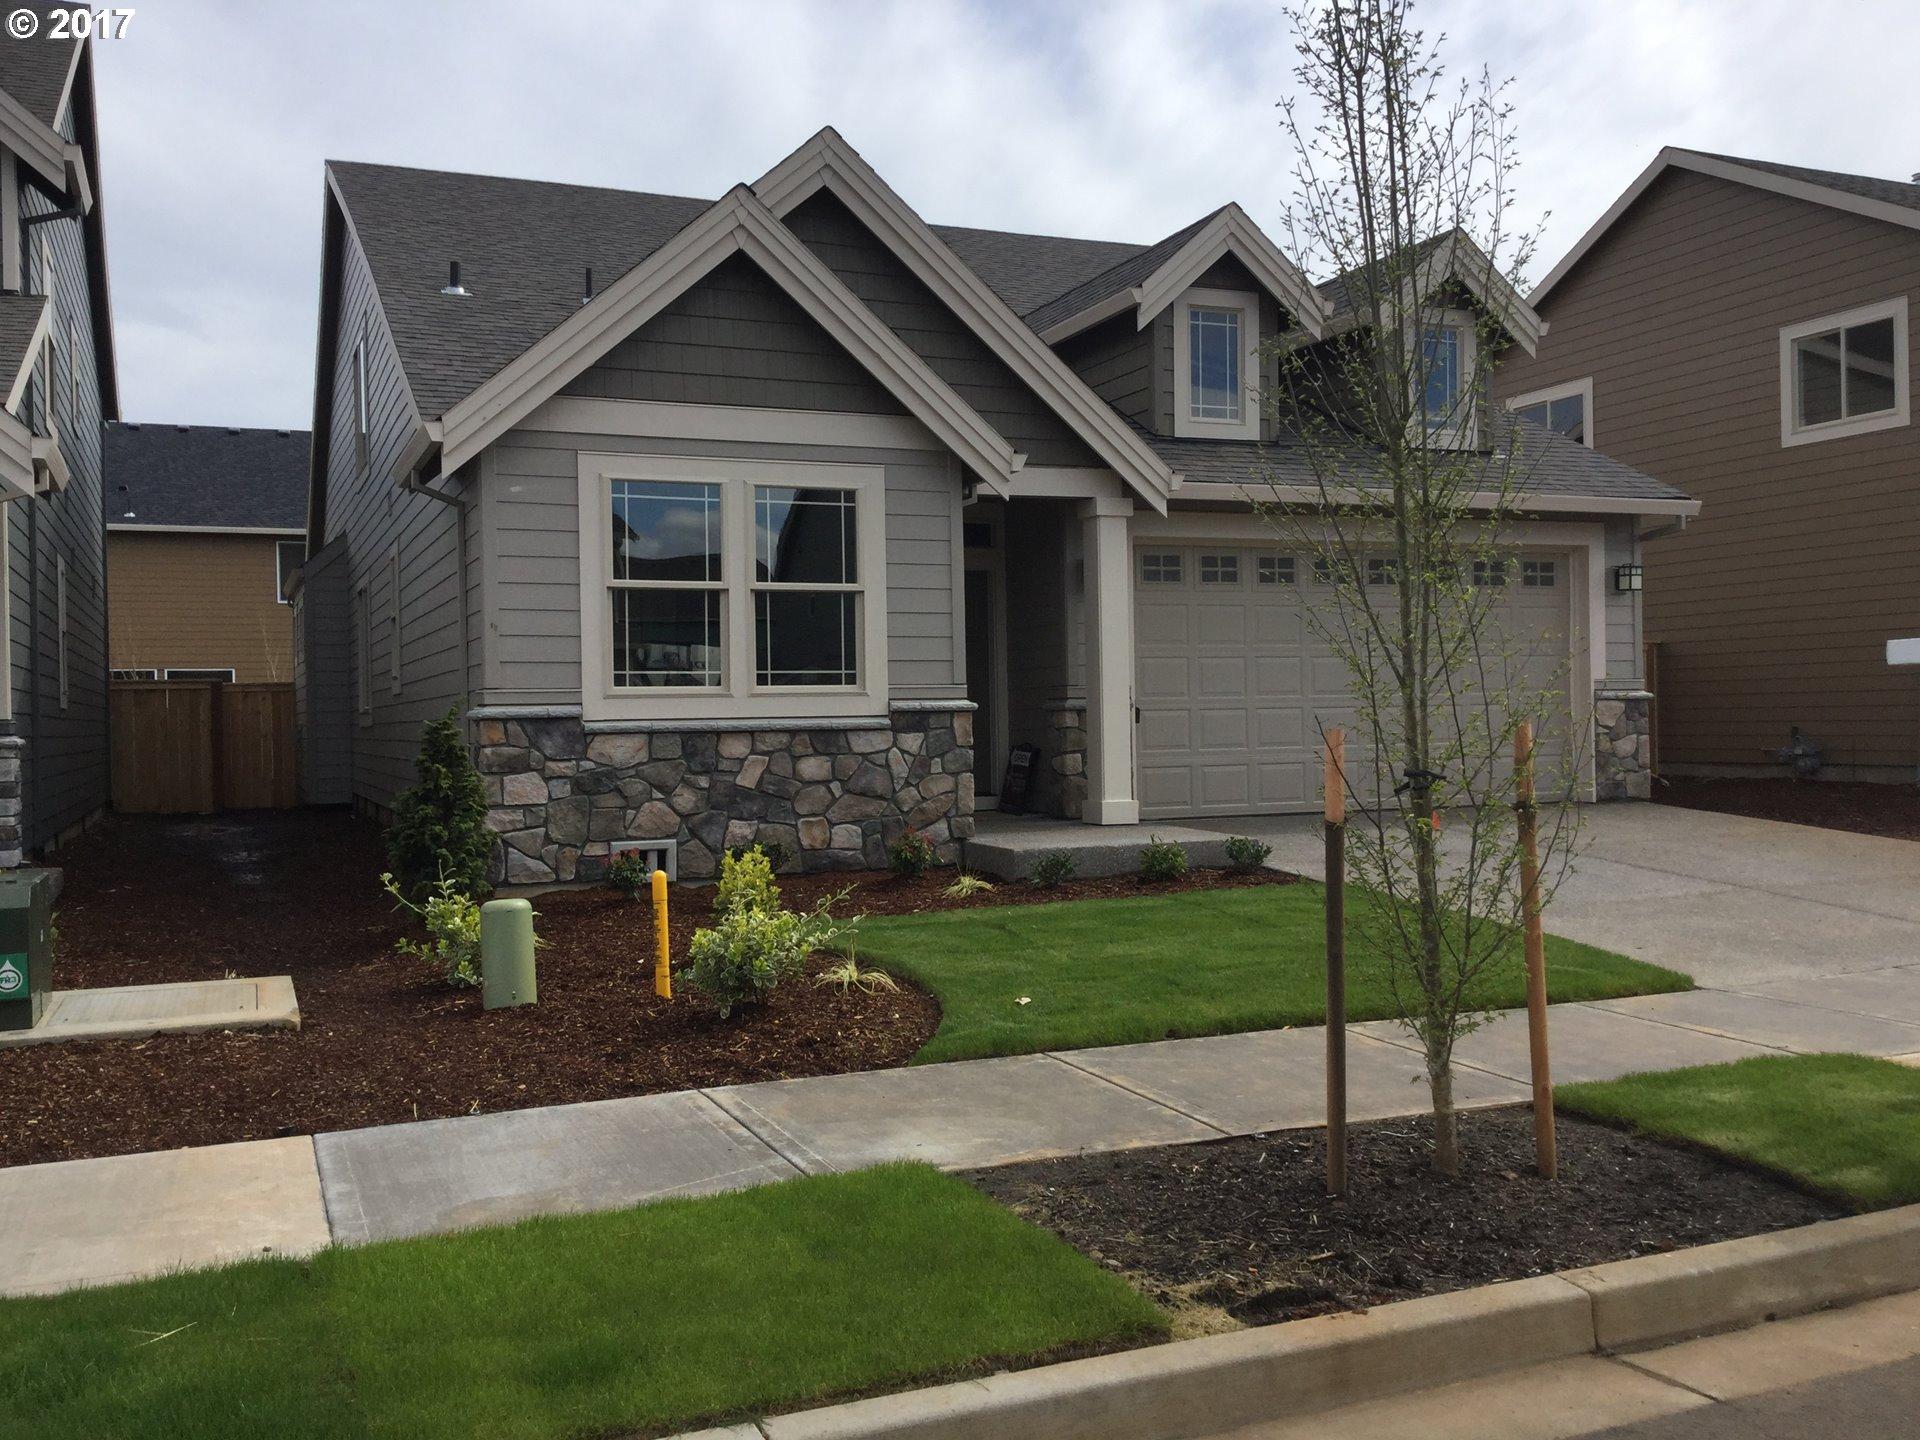 12748 Aspenwood LN, Oregon City, OR 97045